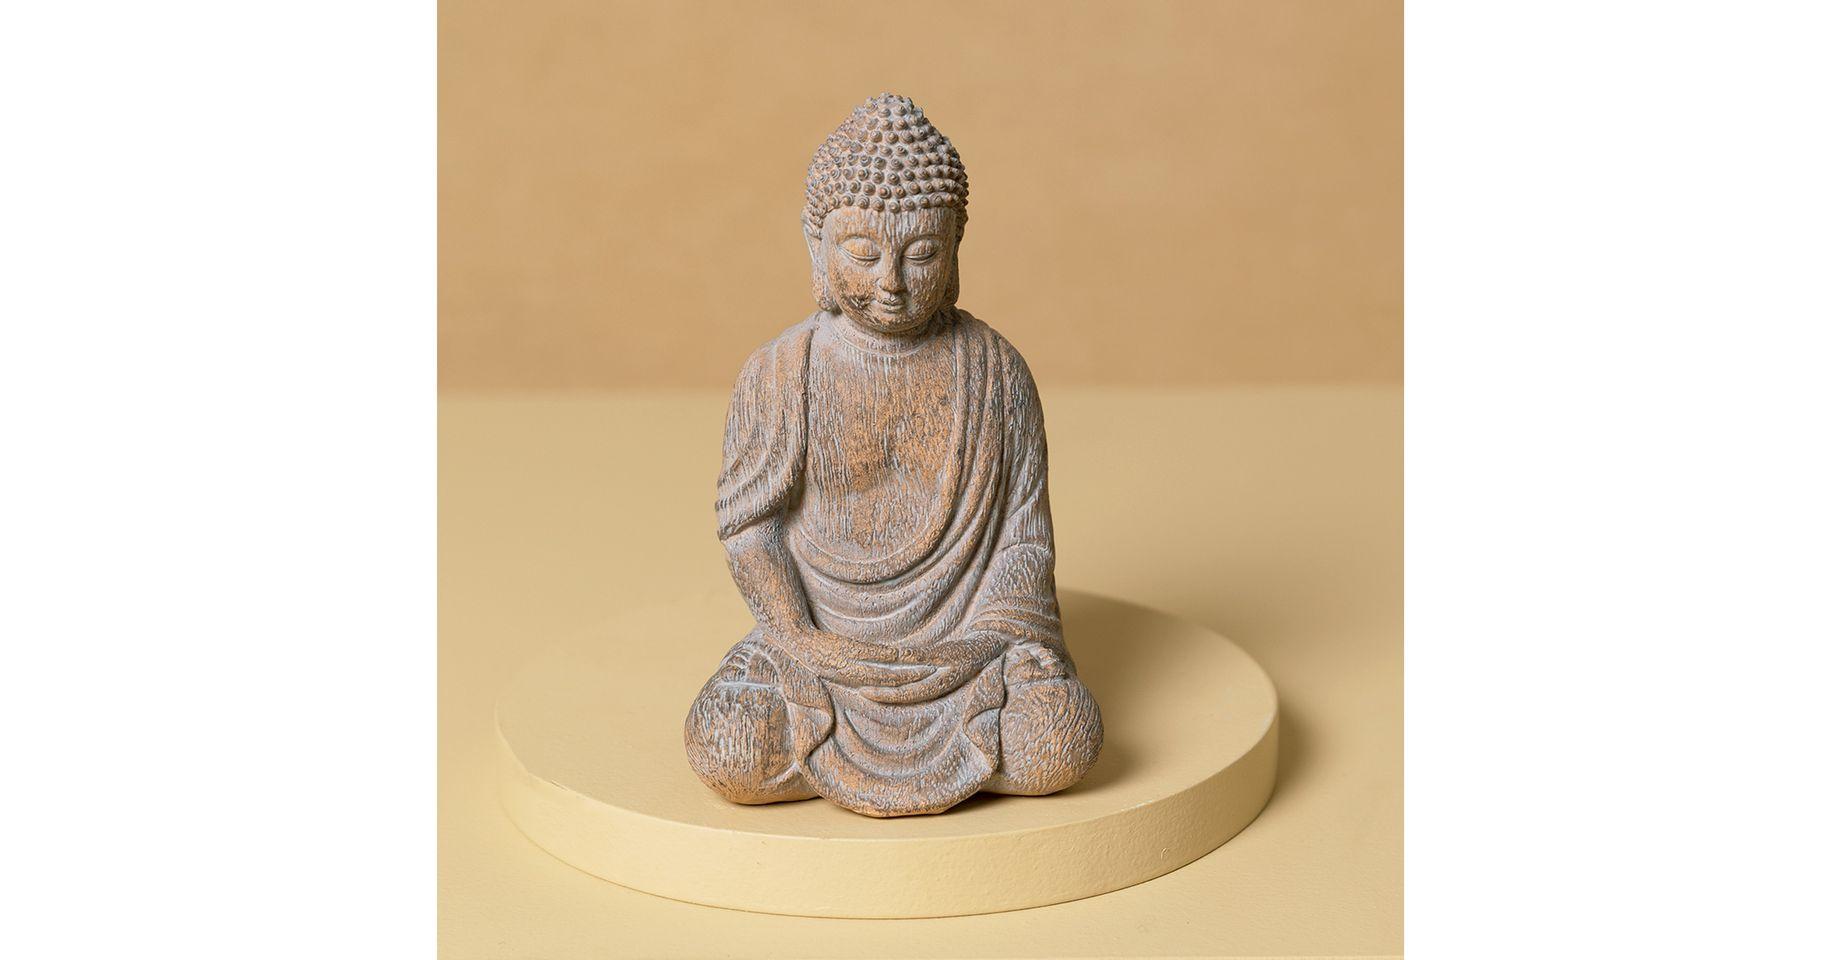 010113092_024_1-DECORATIVO-BUDDHA-SAKYA